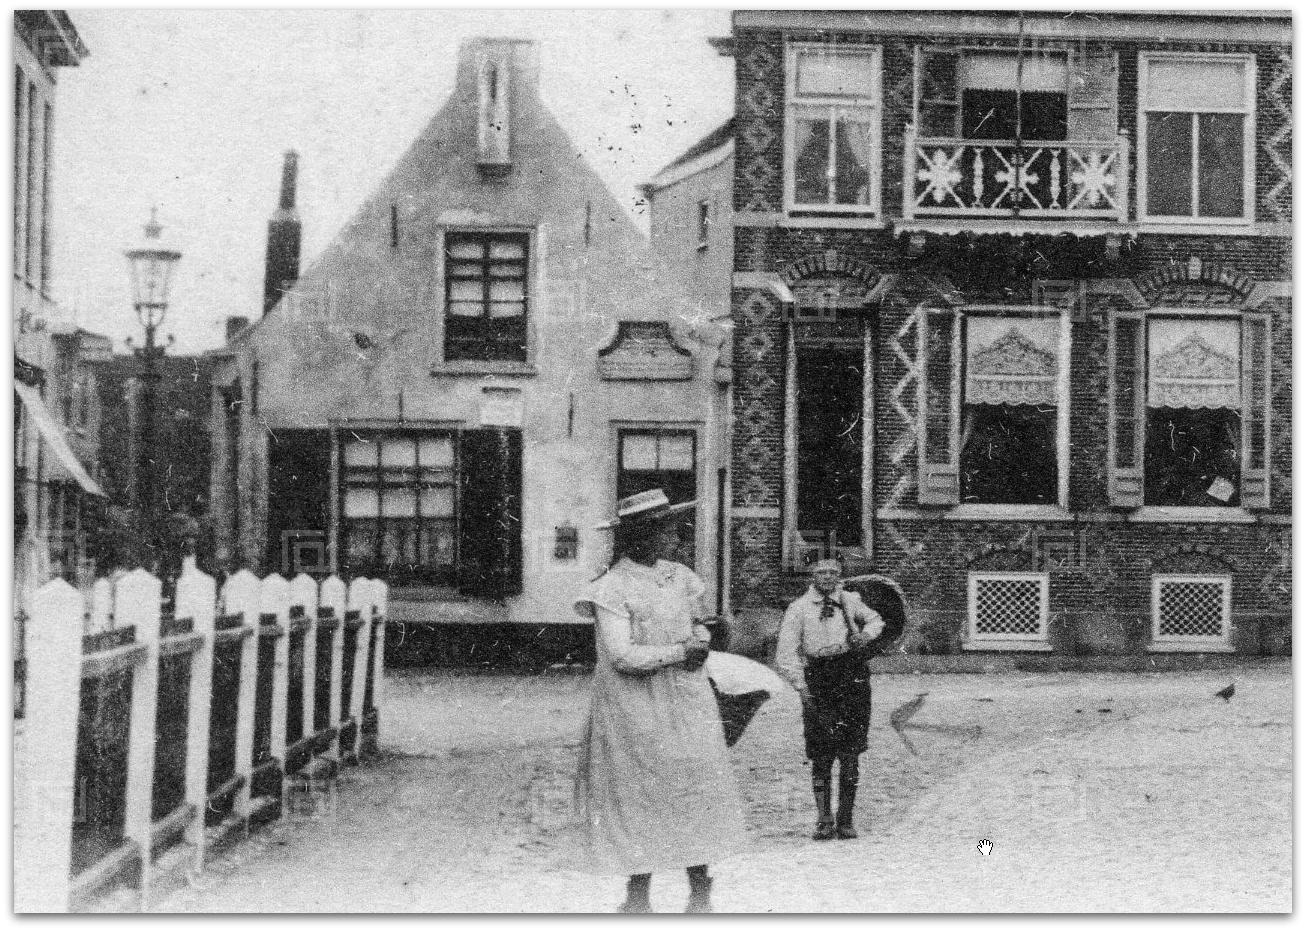 Noordwijkse huizen oud oud noordwijk in beeld - Oude huis fotos ...